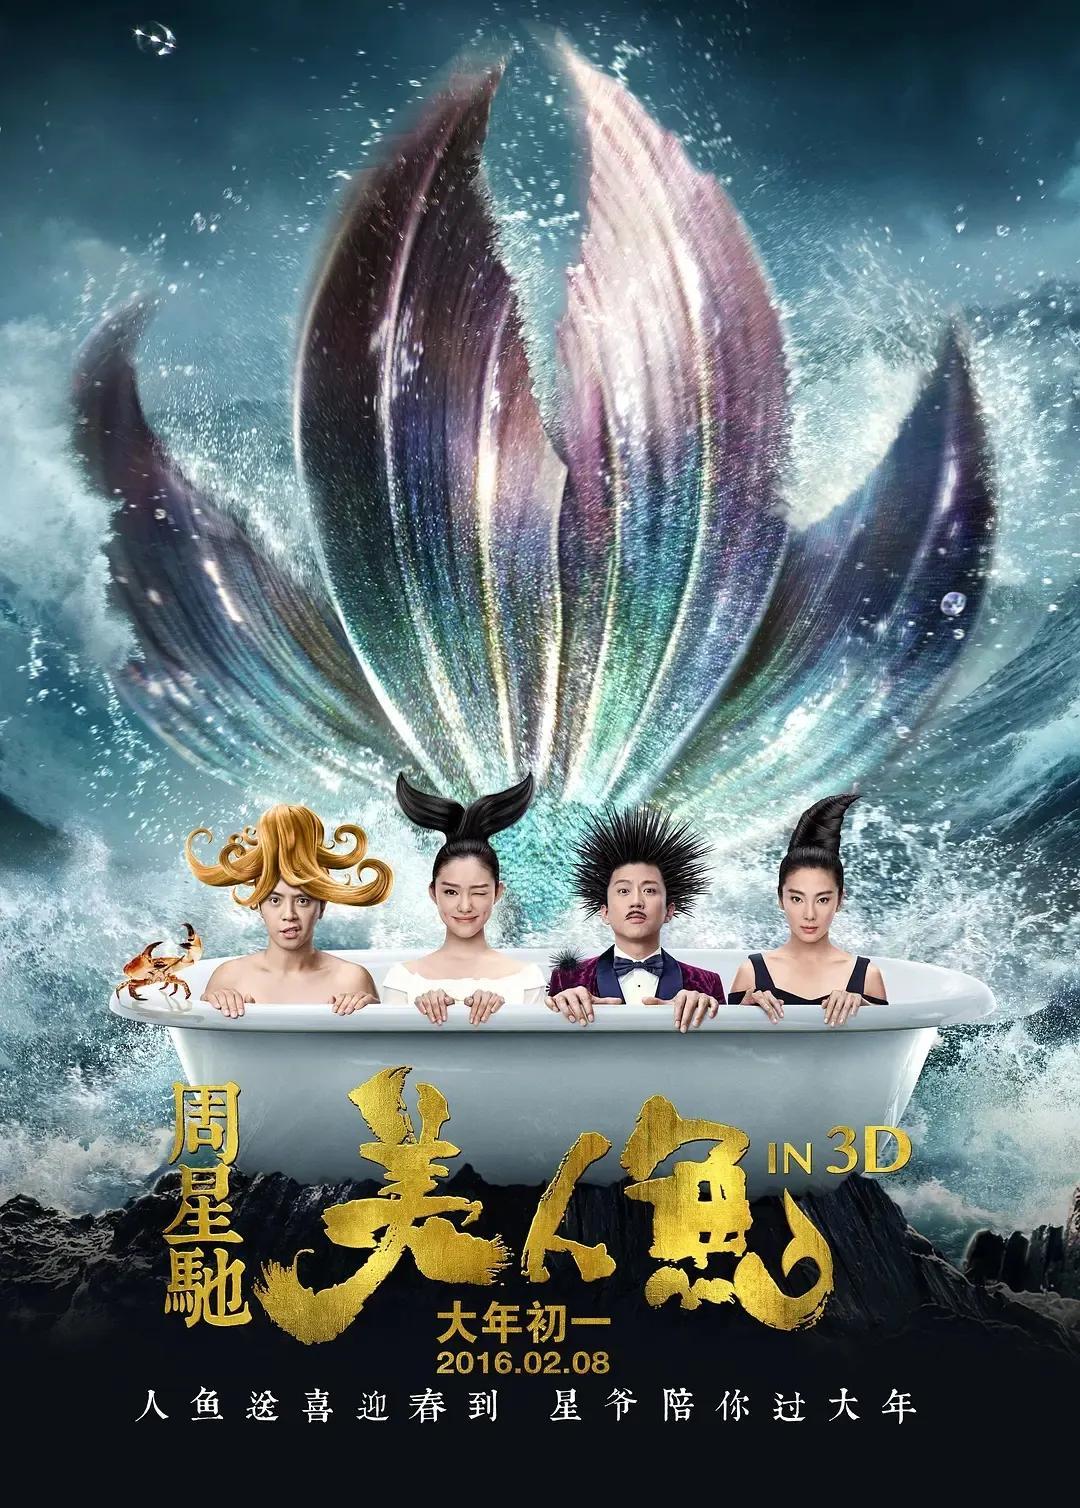 国内票房Top50系列之《美人鱼》:五十九载风雨,祝星爷生日快乐